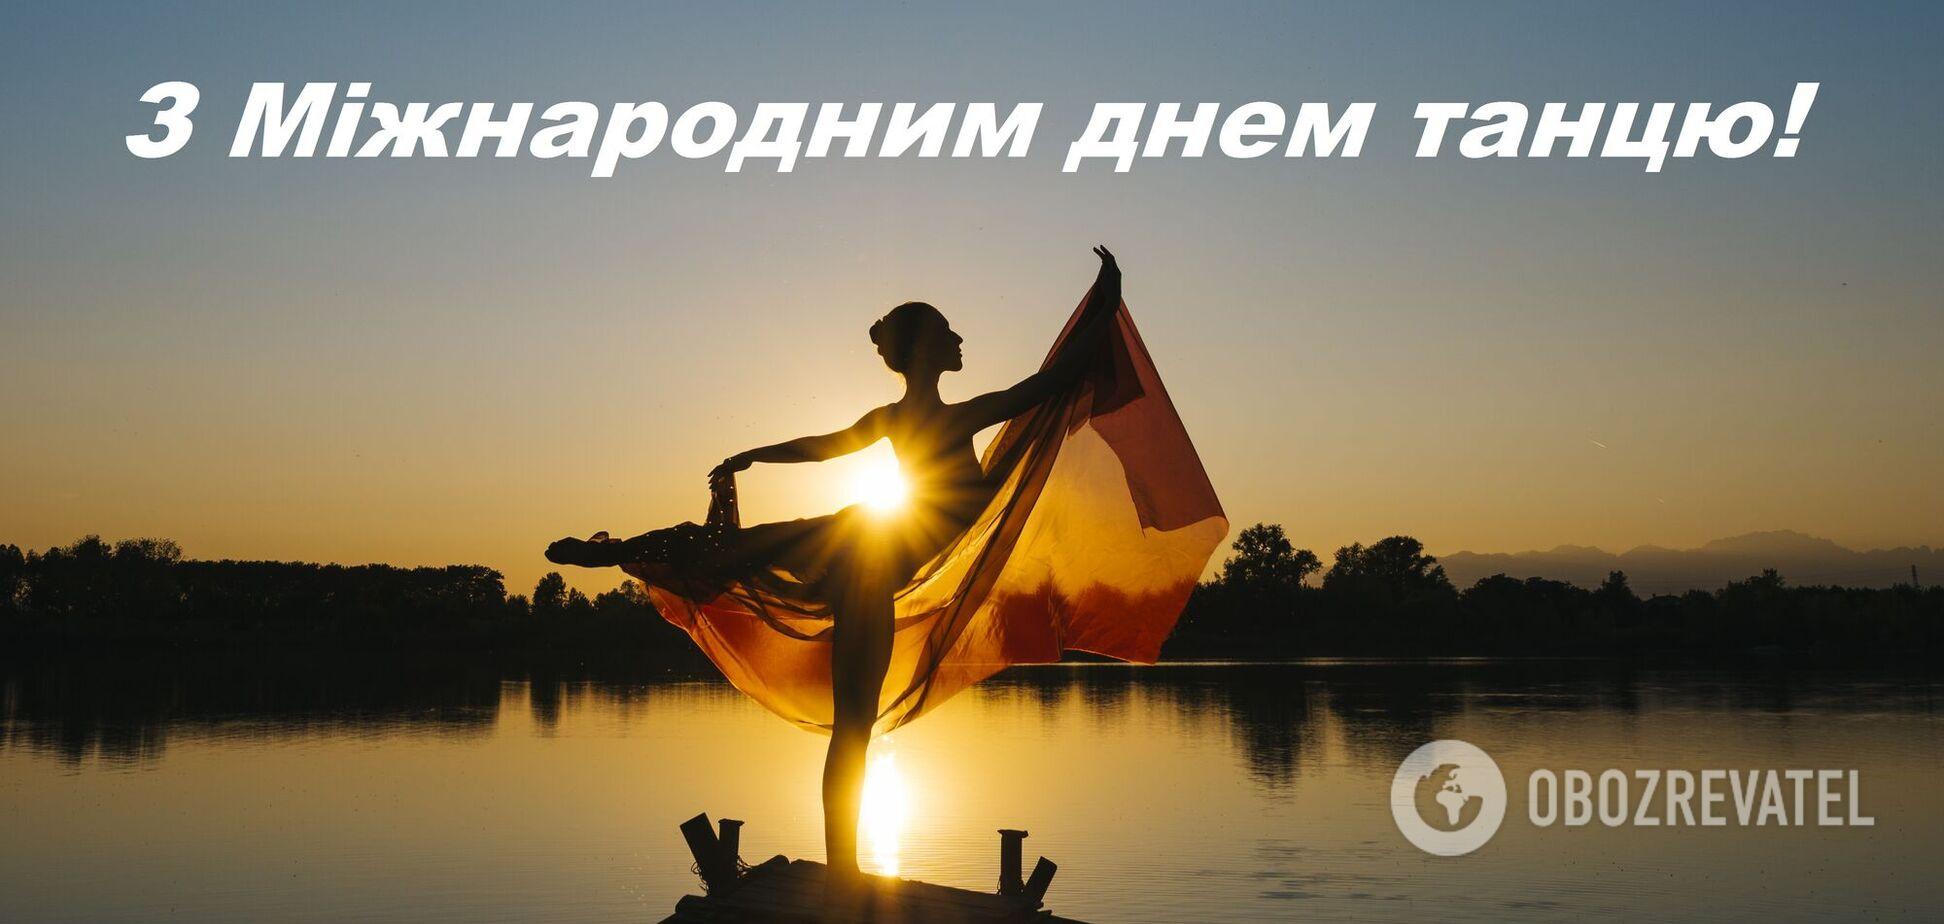 День танцаотмечается с 1982 года по инициативе ЮНЕСКО